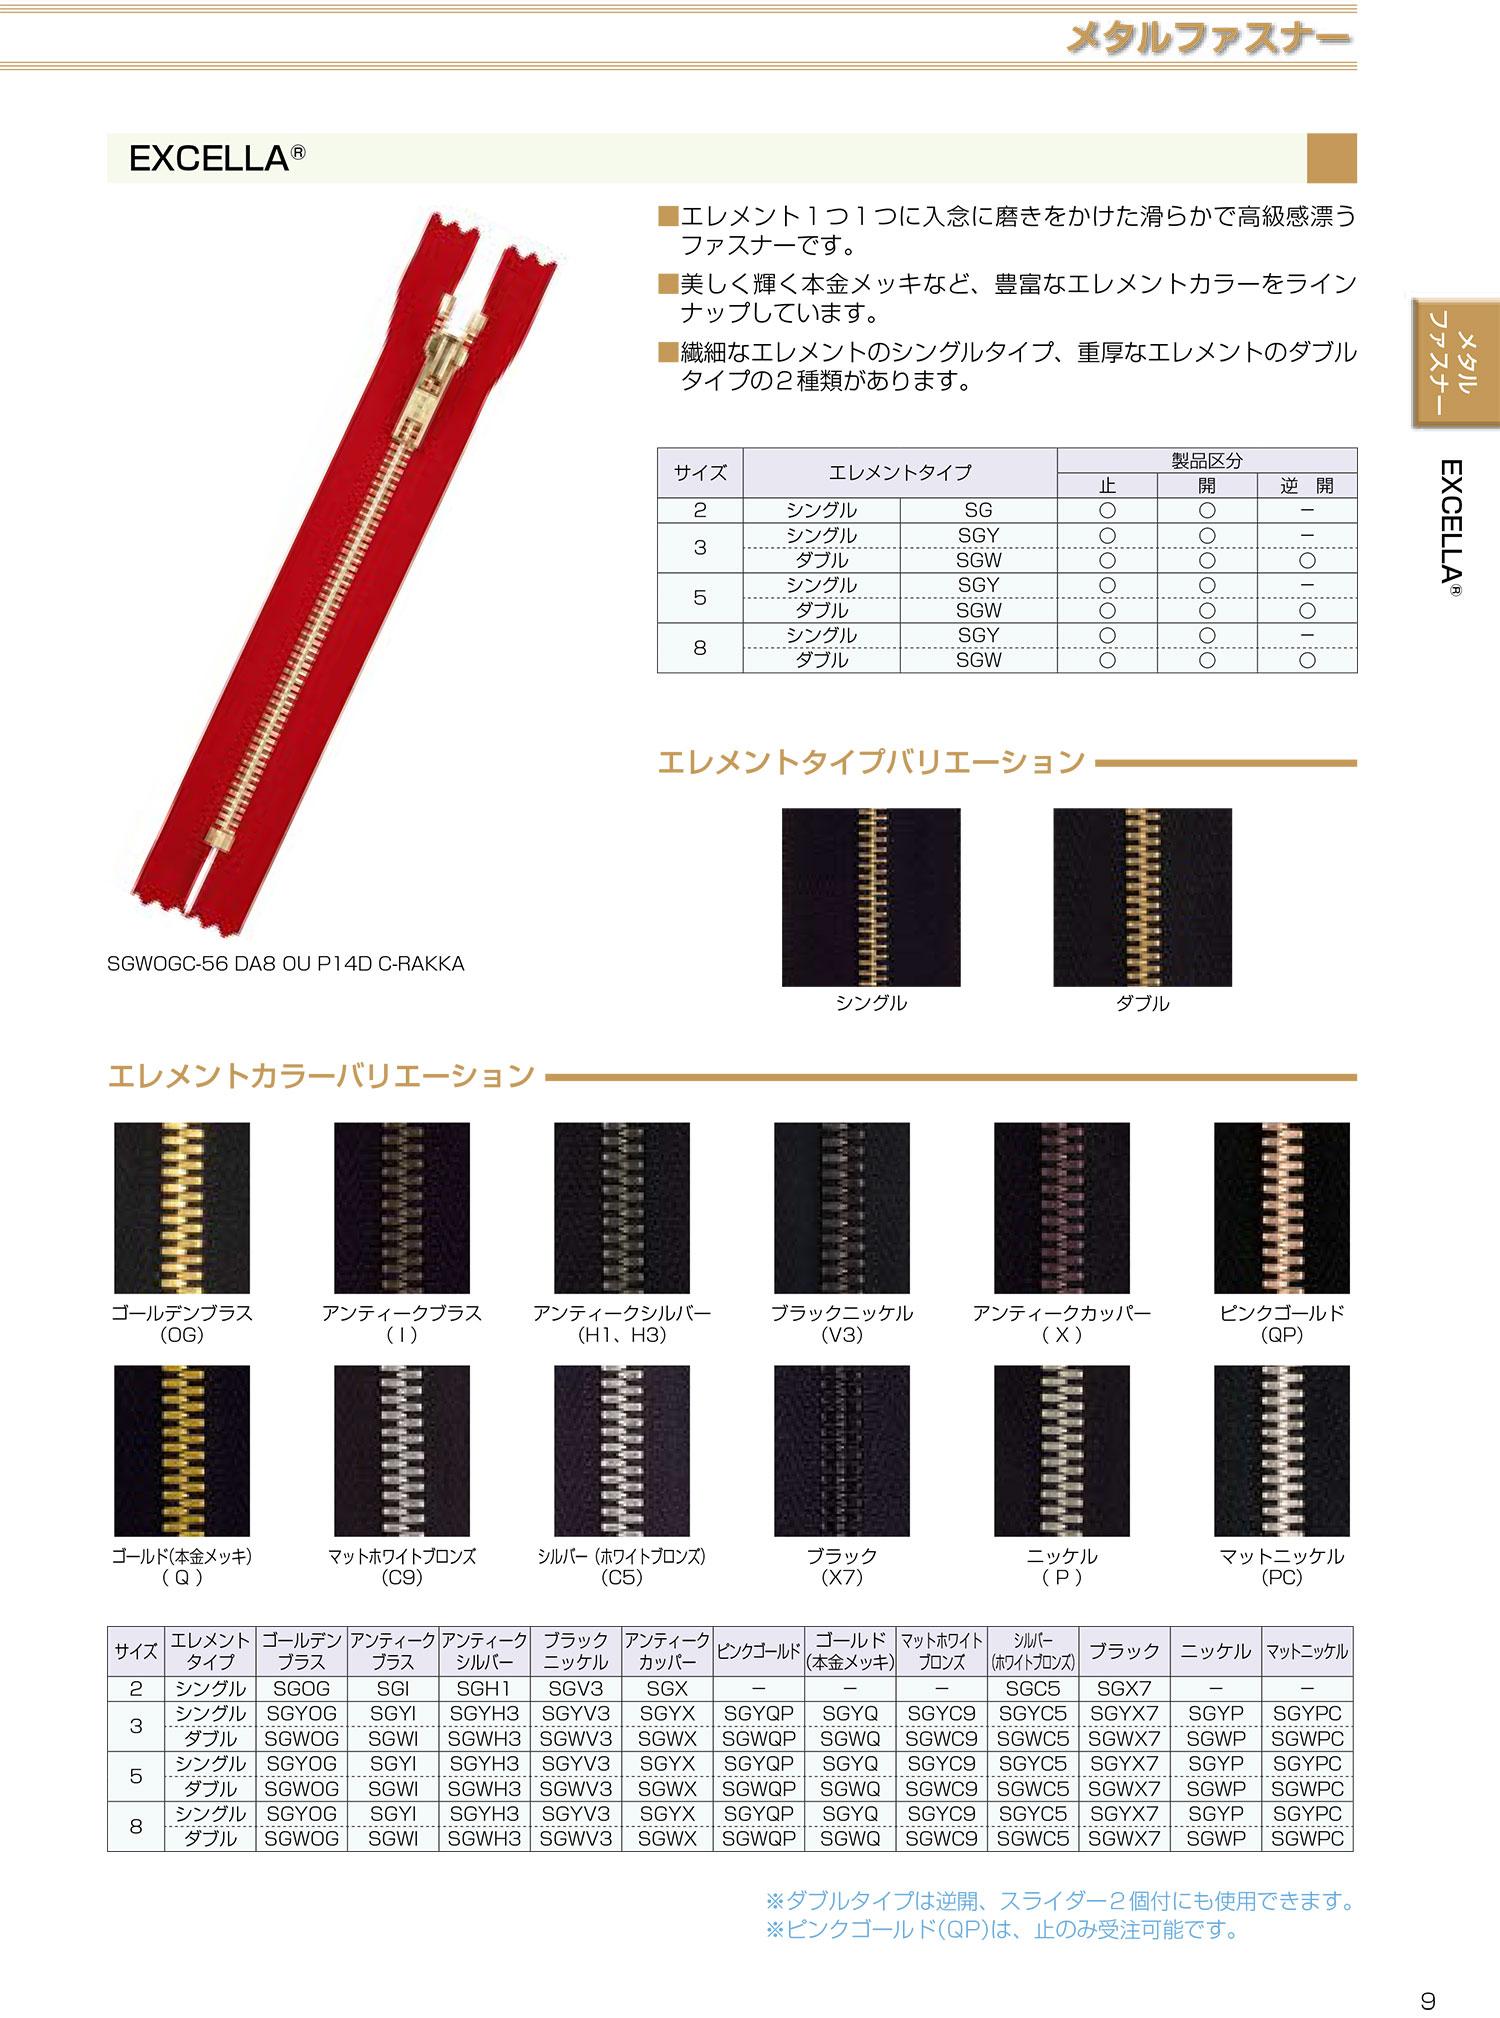 3SGYQC エクセラ 3サイズ ゴールド(本金) 止め シングル[ファスナー] YKK/オークラ商事 - ApparelX アパレル資材卸通販